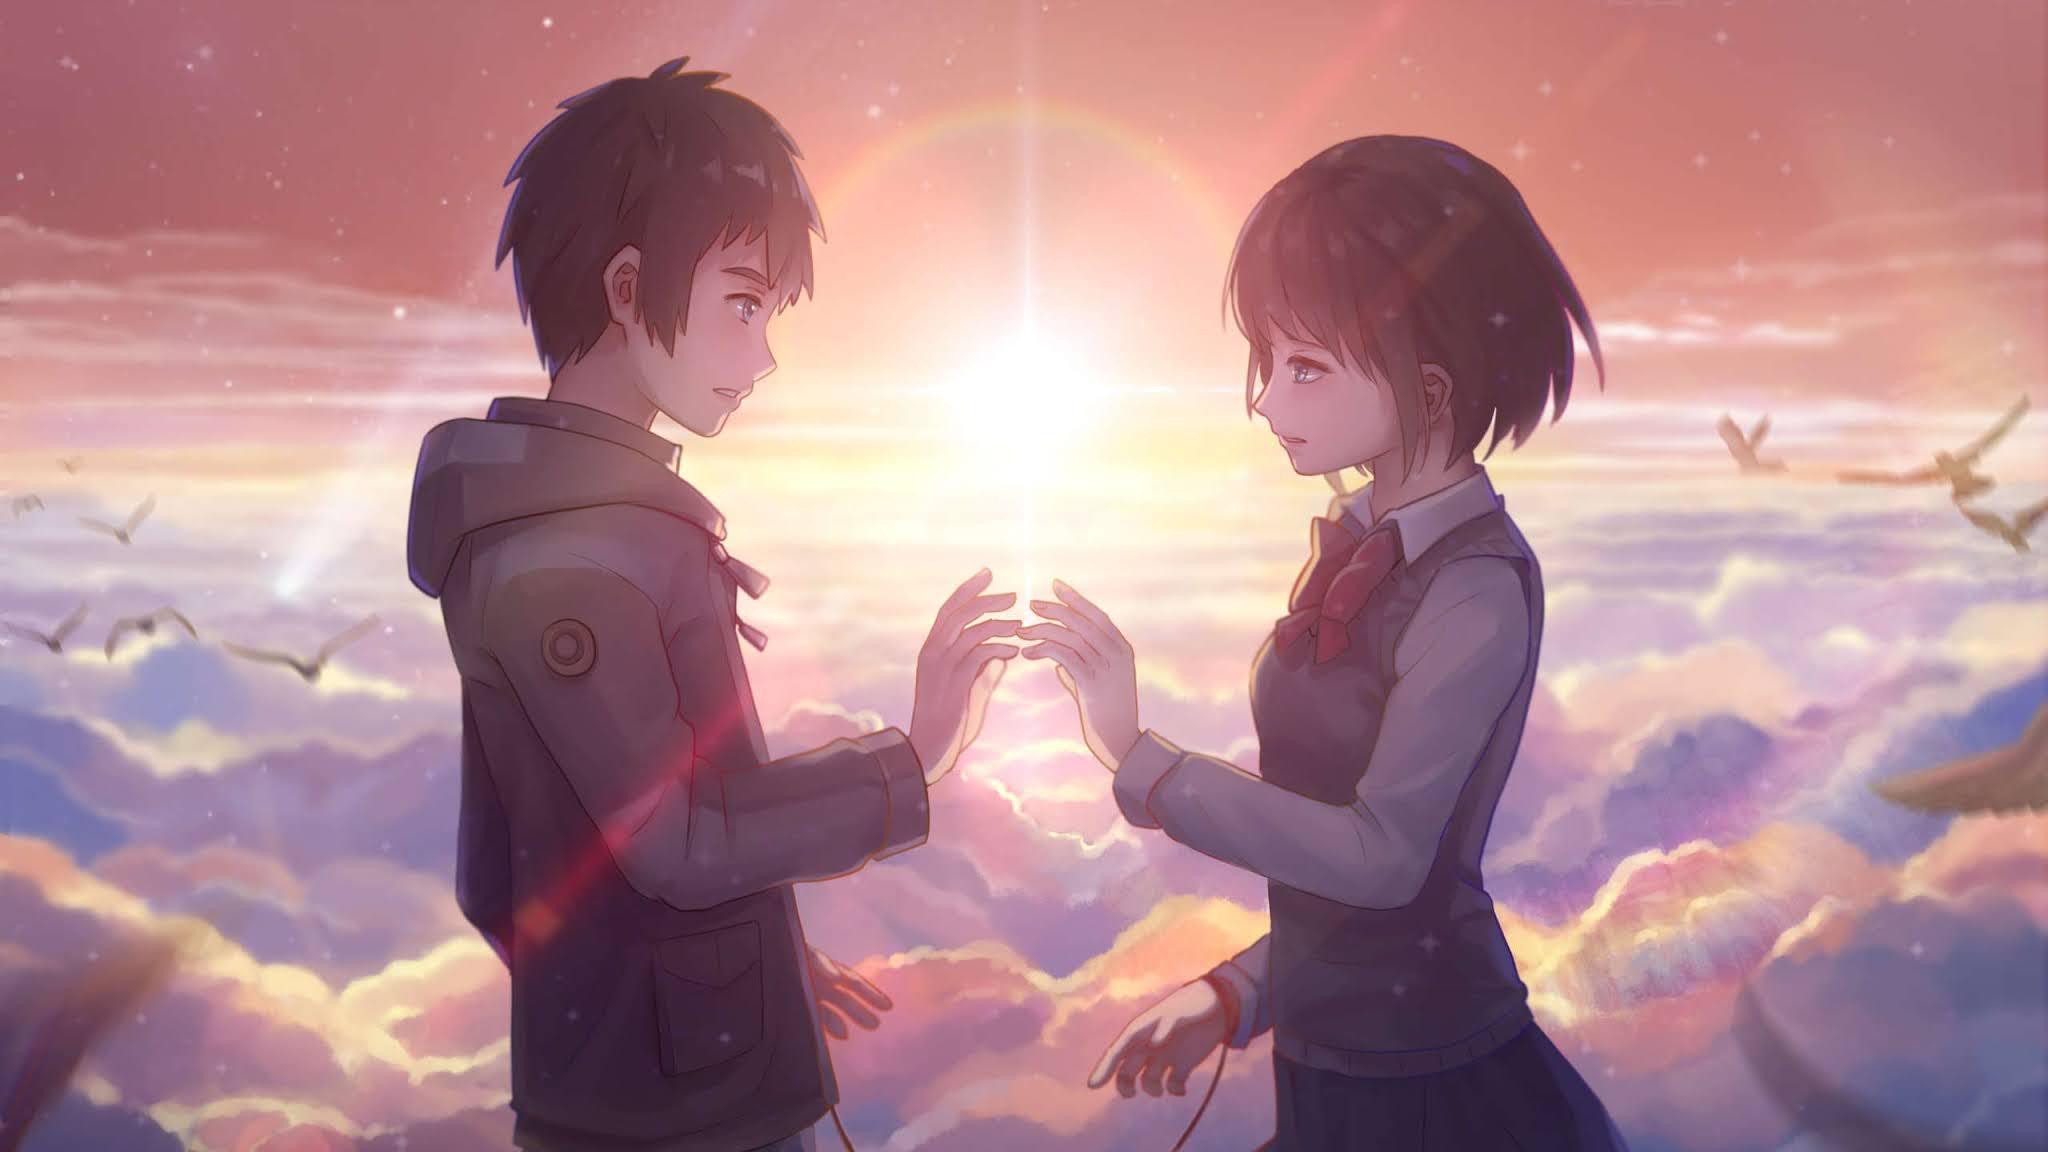 Anime wallpaper romantis laptop